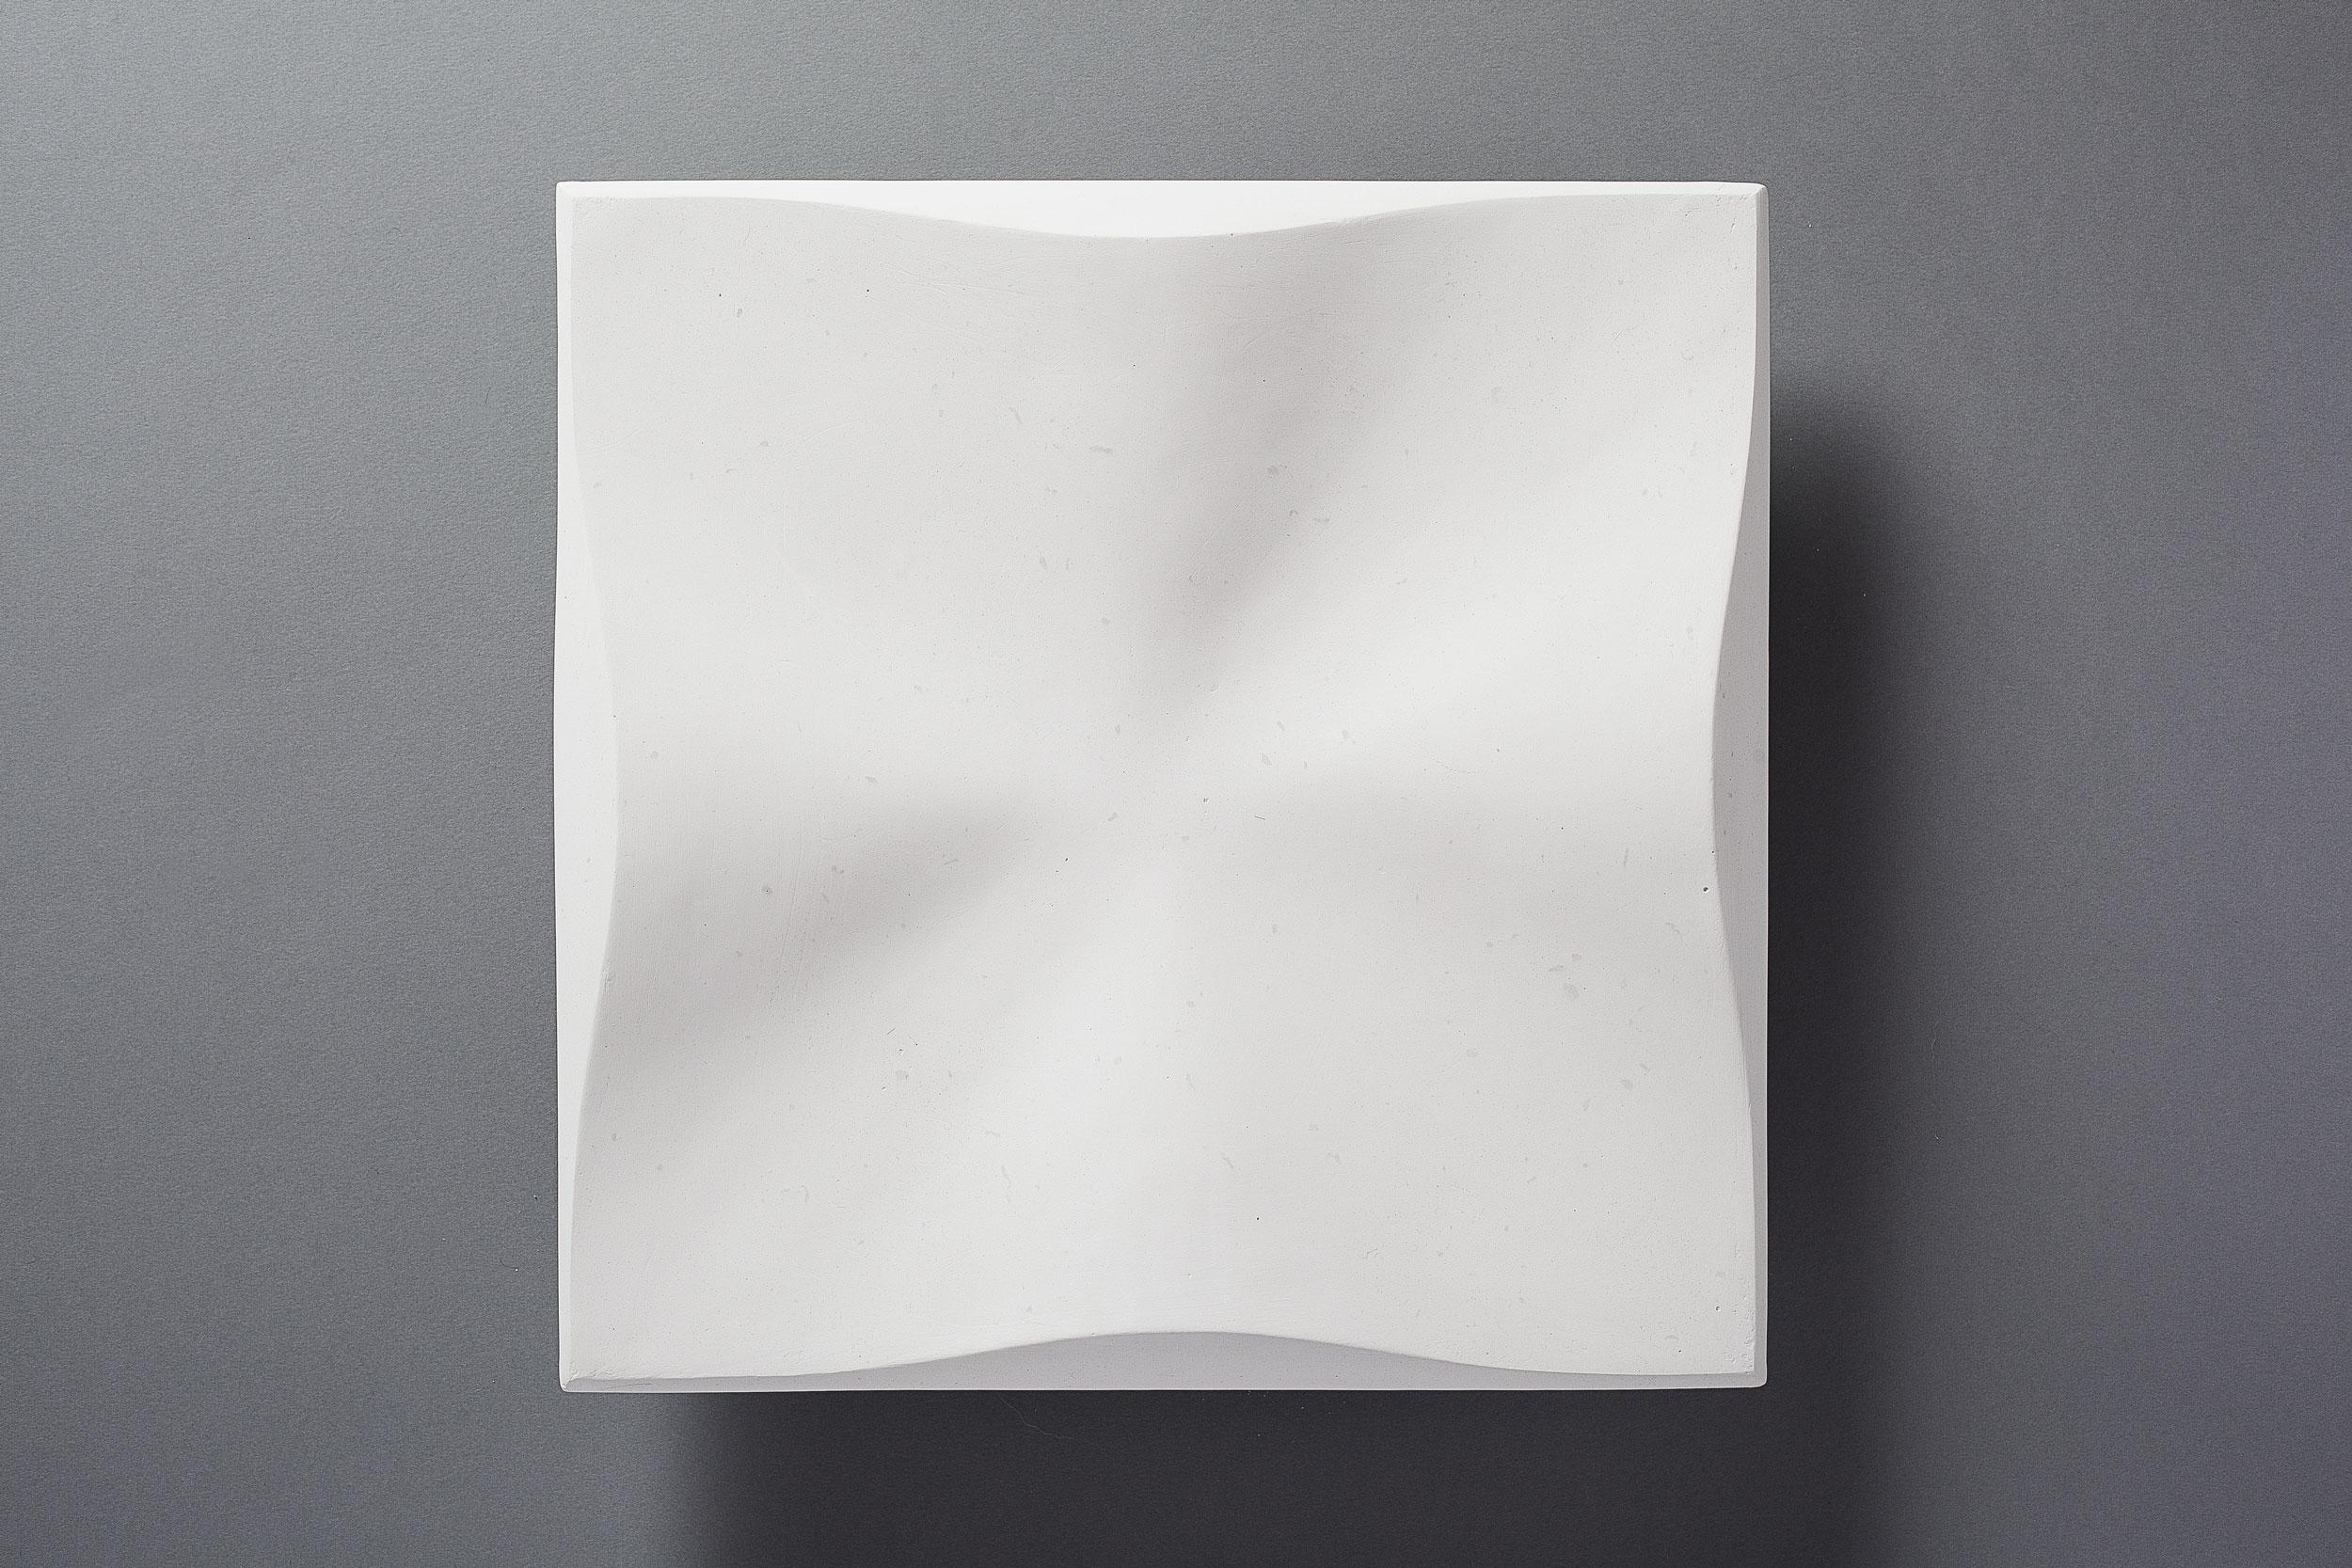 Plaster_studio_tile_21_plaster